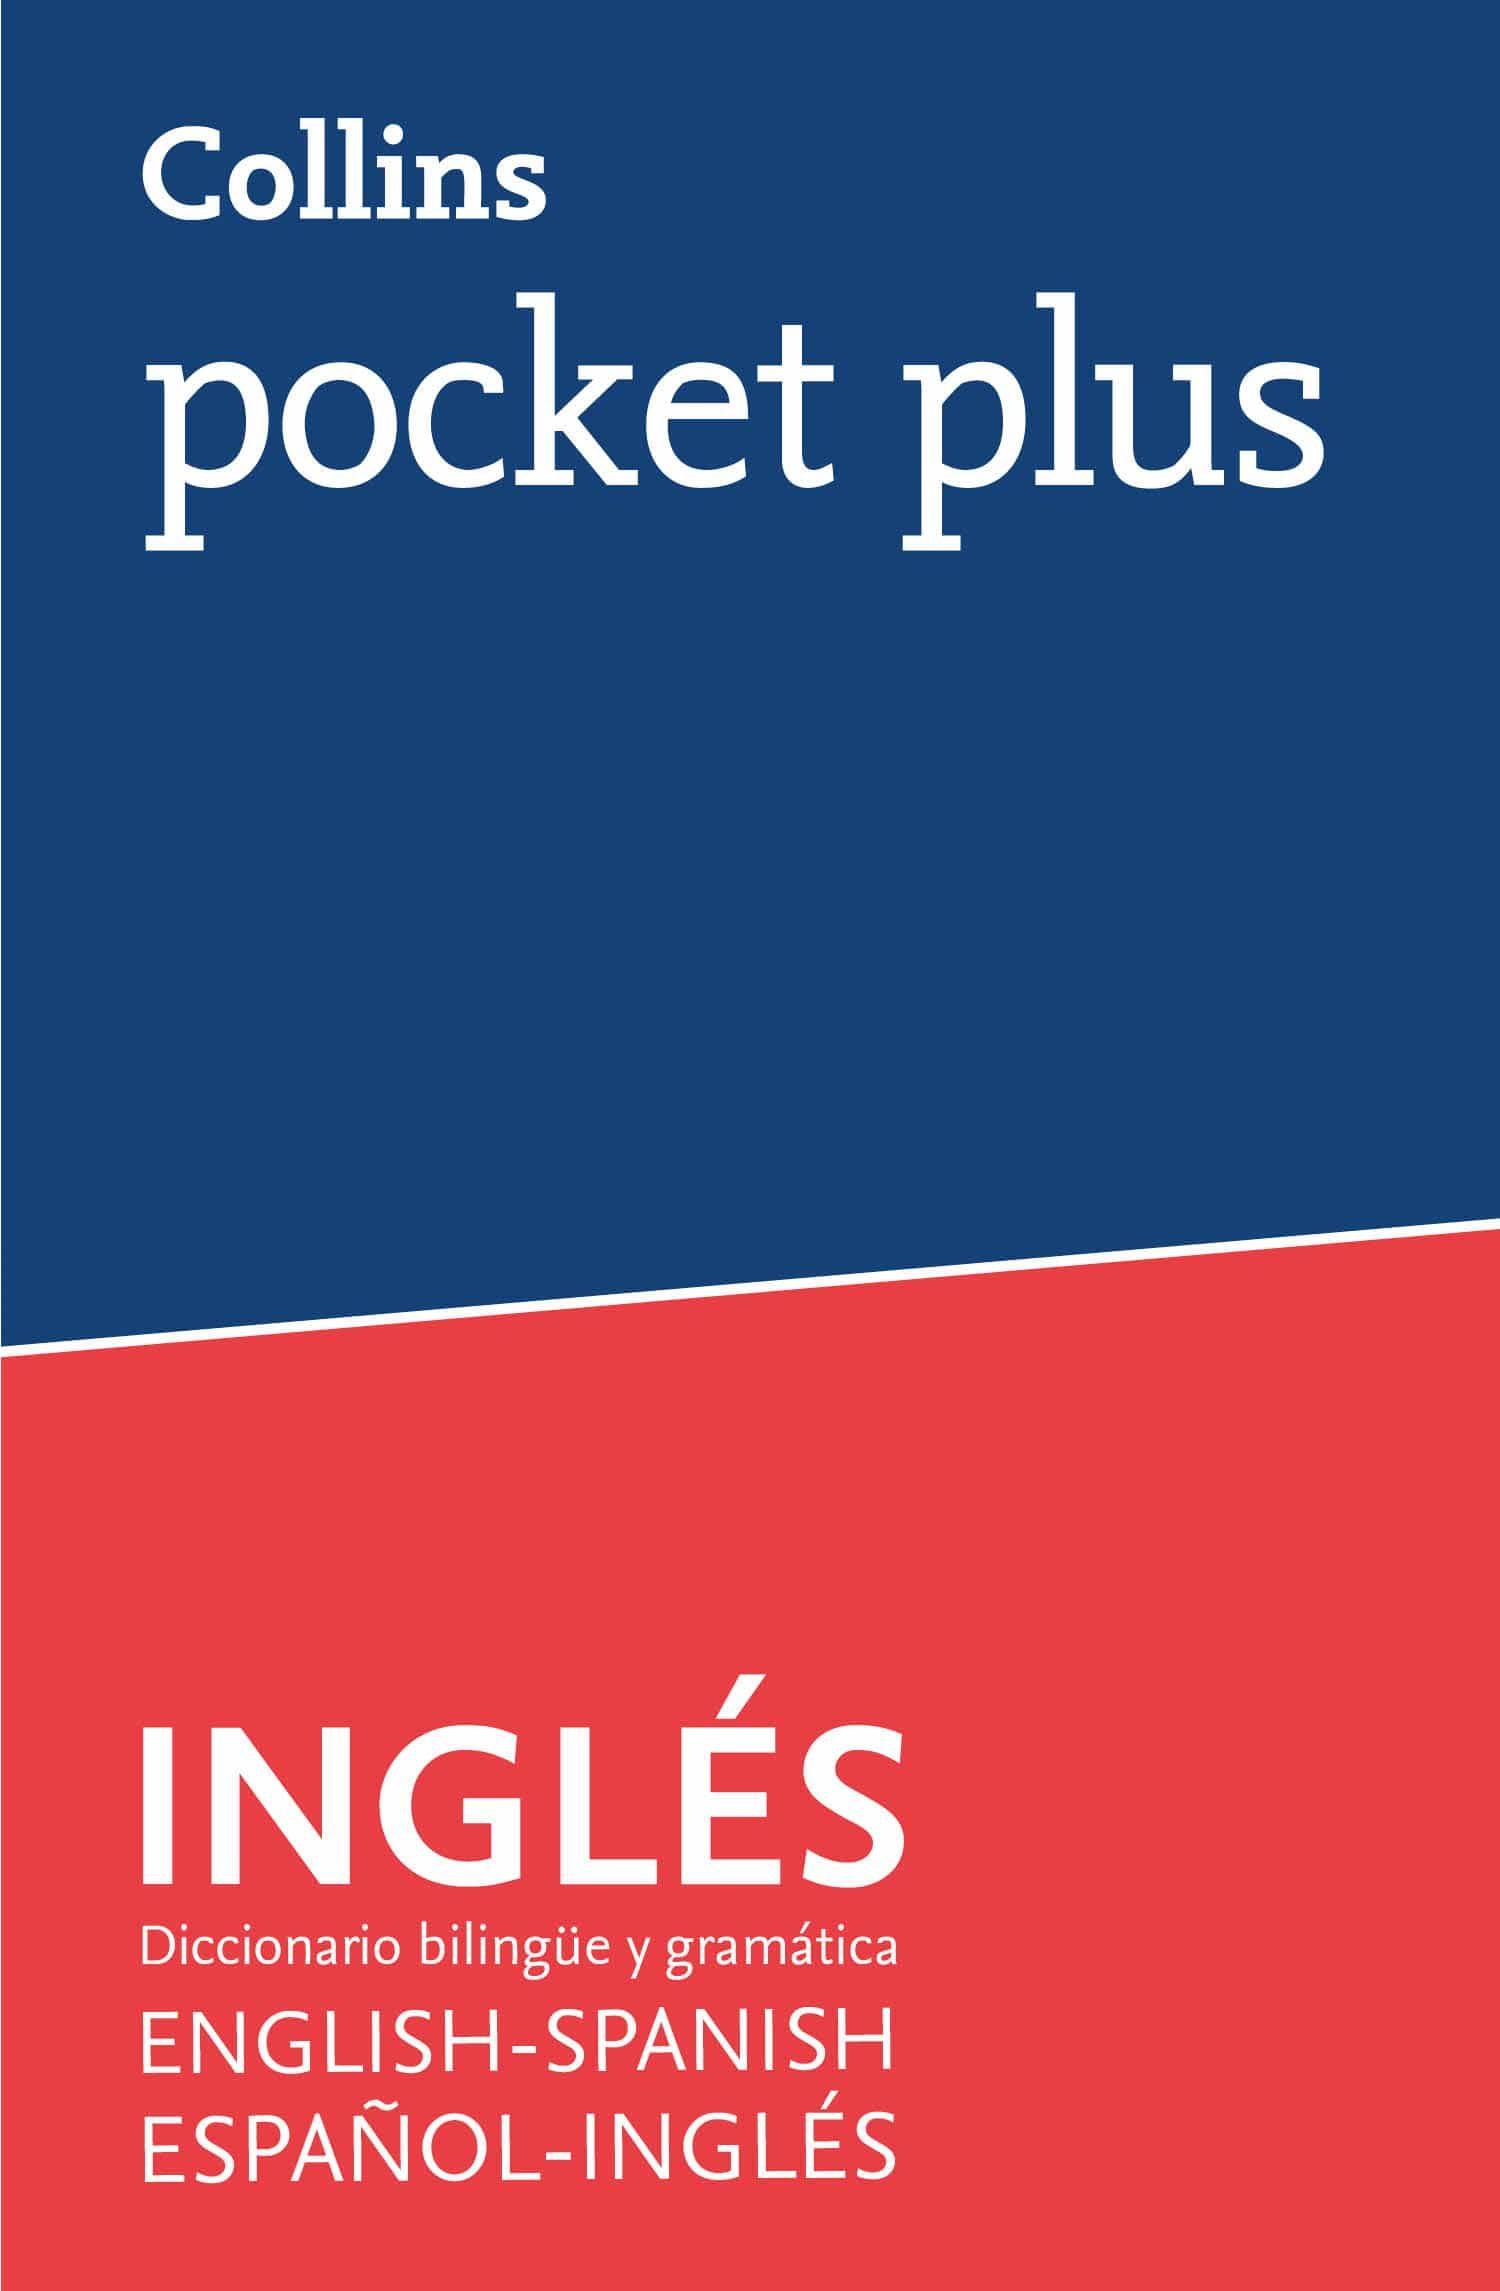 collins pocket plus: ingles - diccionario bilingüe y gramatica español-ingles / english-spanish-9788425355691